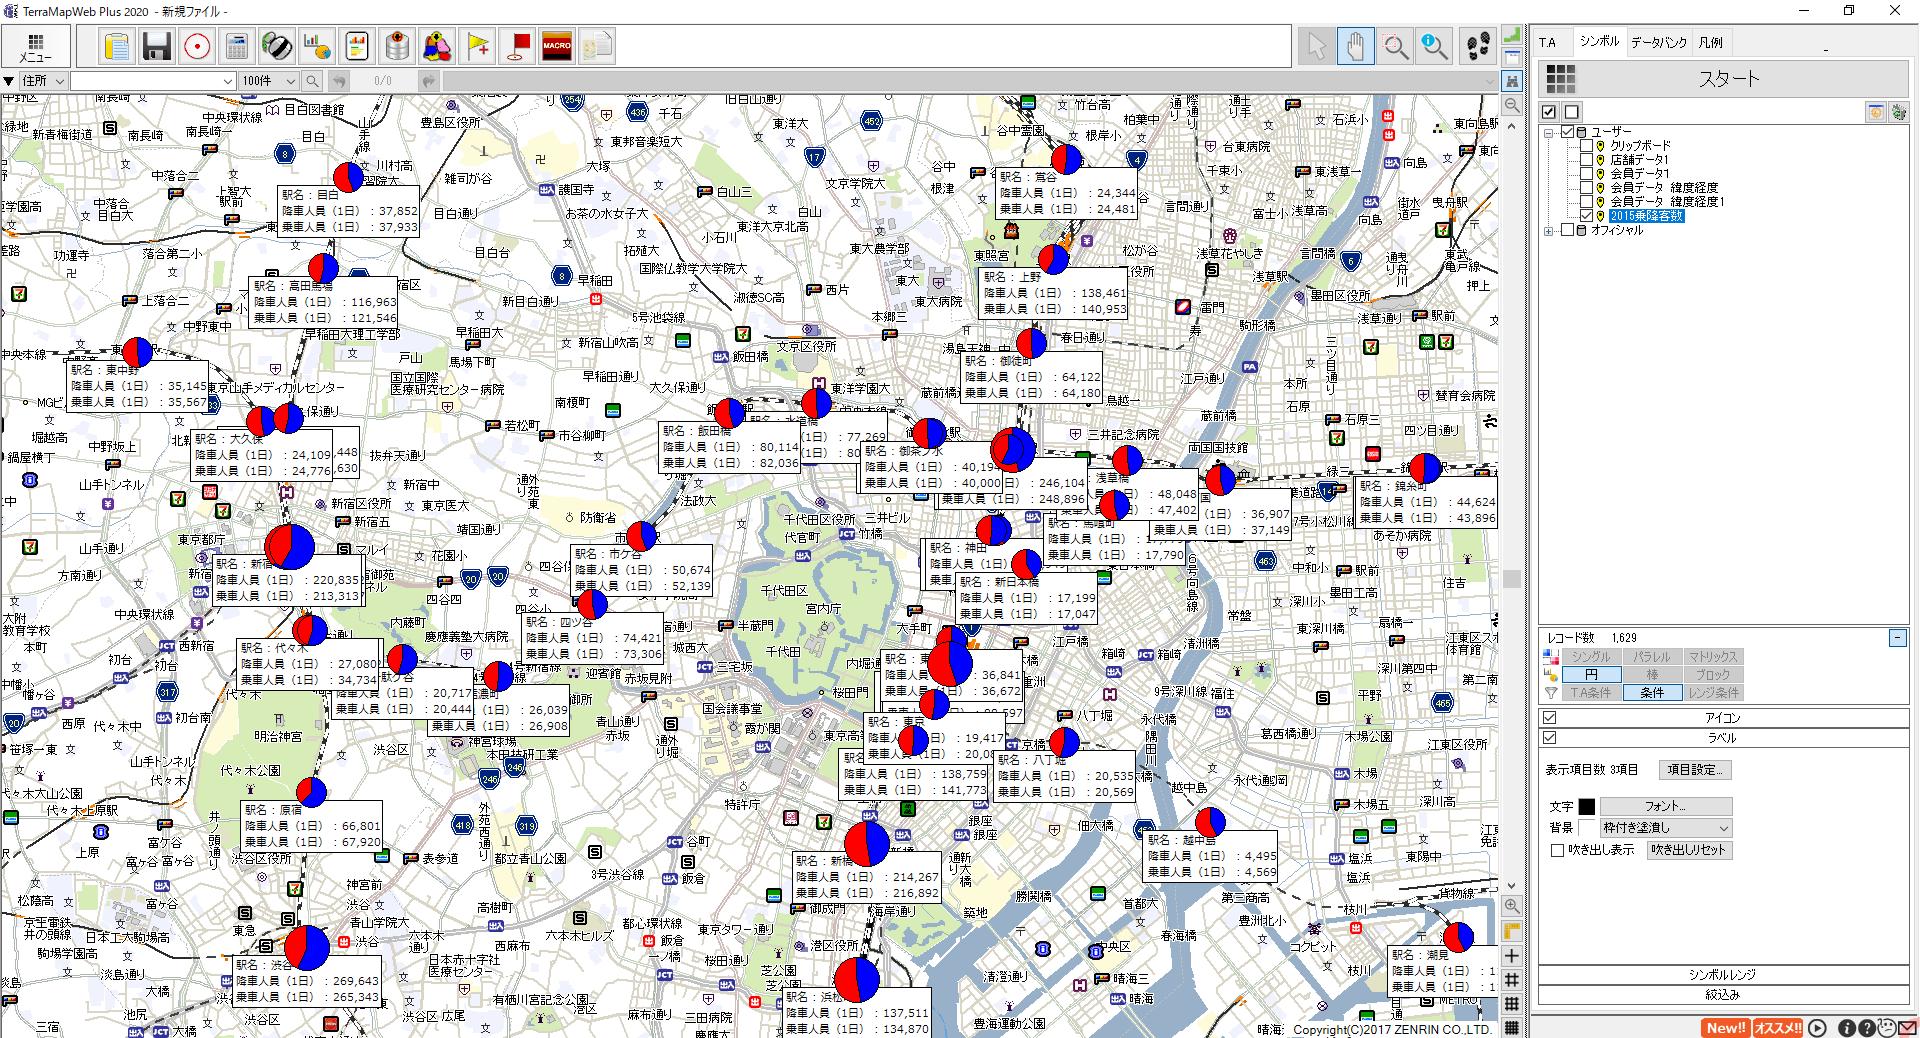 駅乗降客数データベースの可視化イメージサンプル